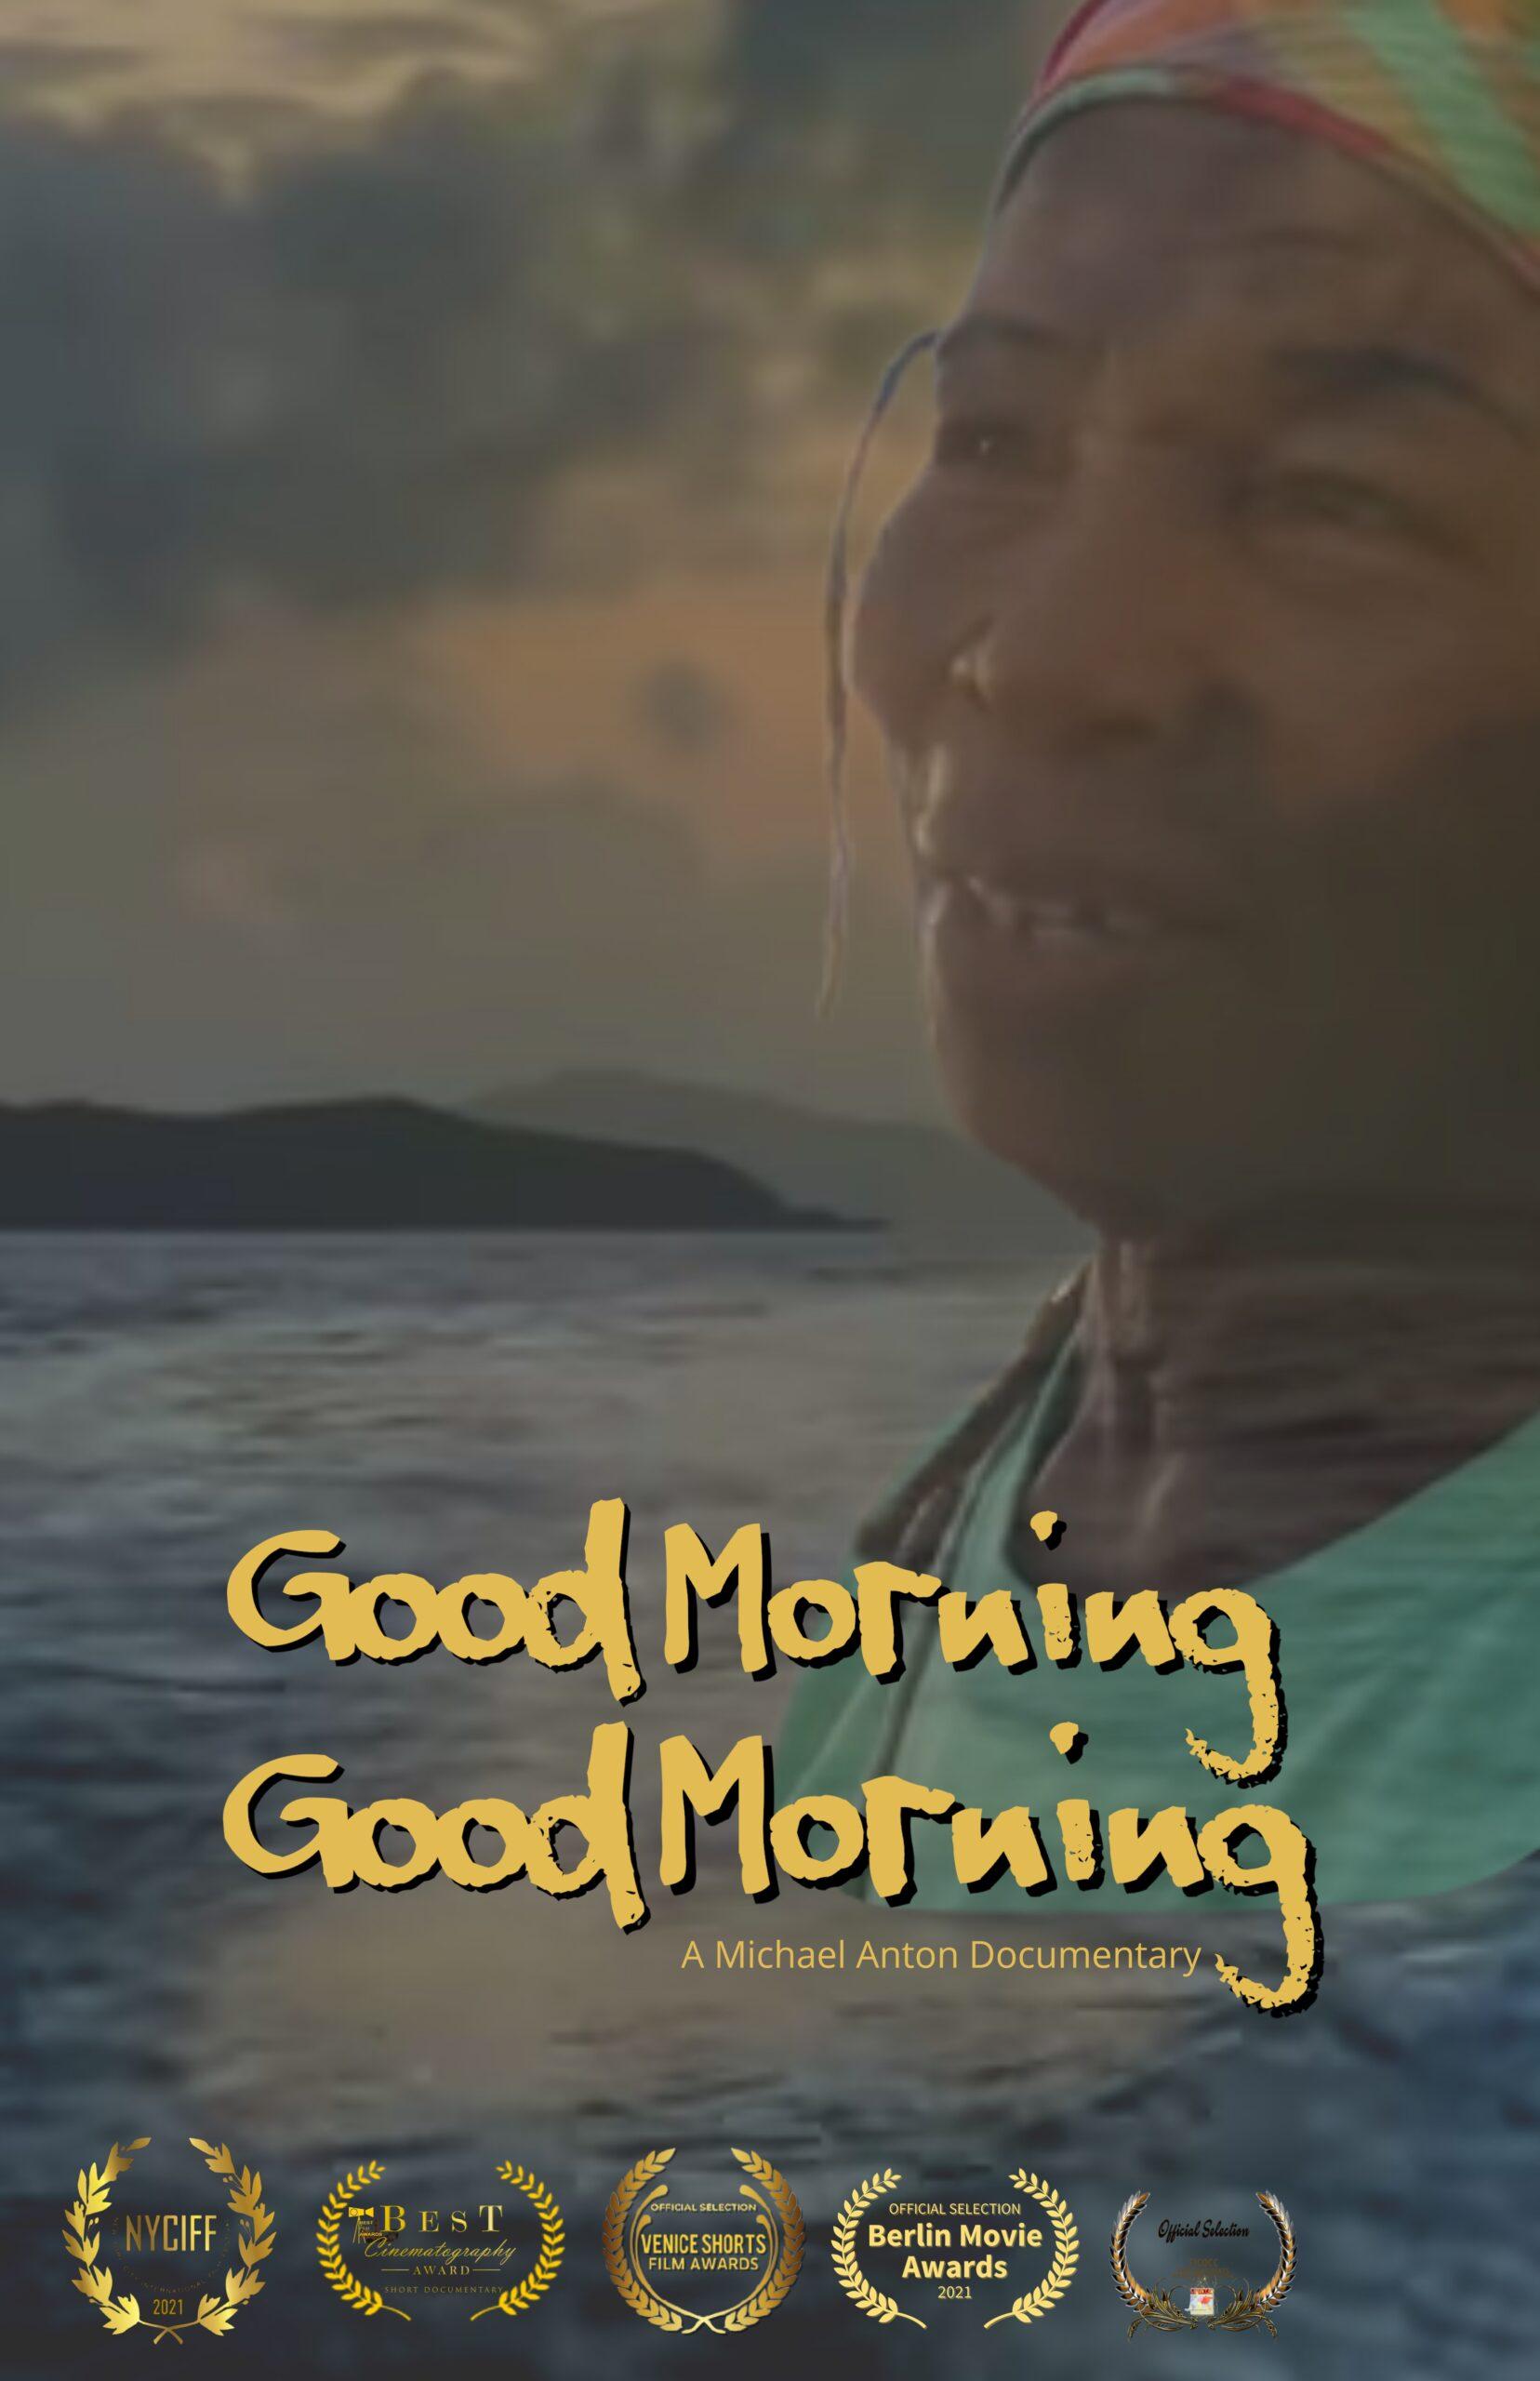 GOOD MORNING ! GOOD MORNING !